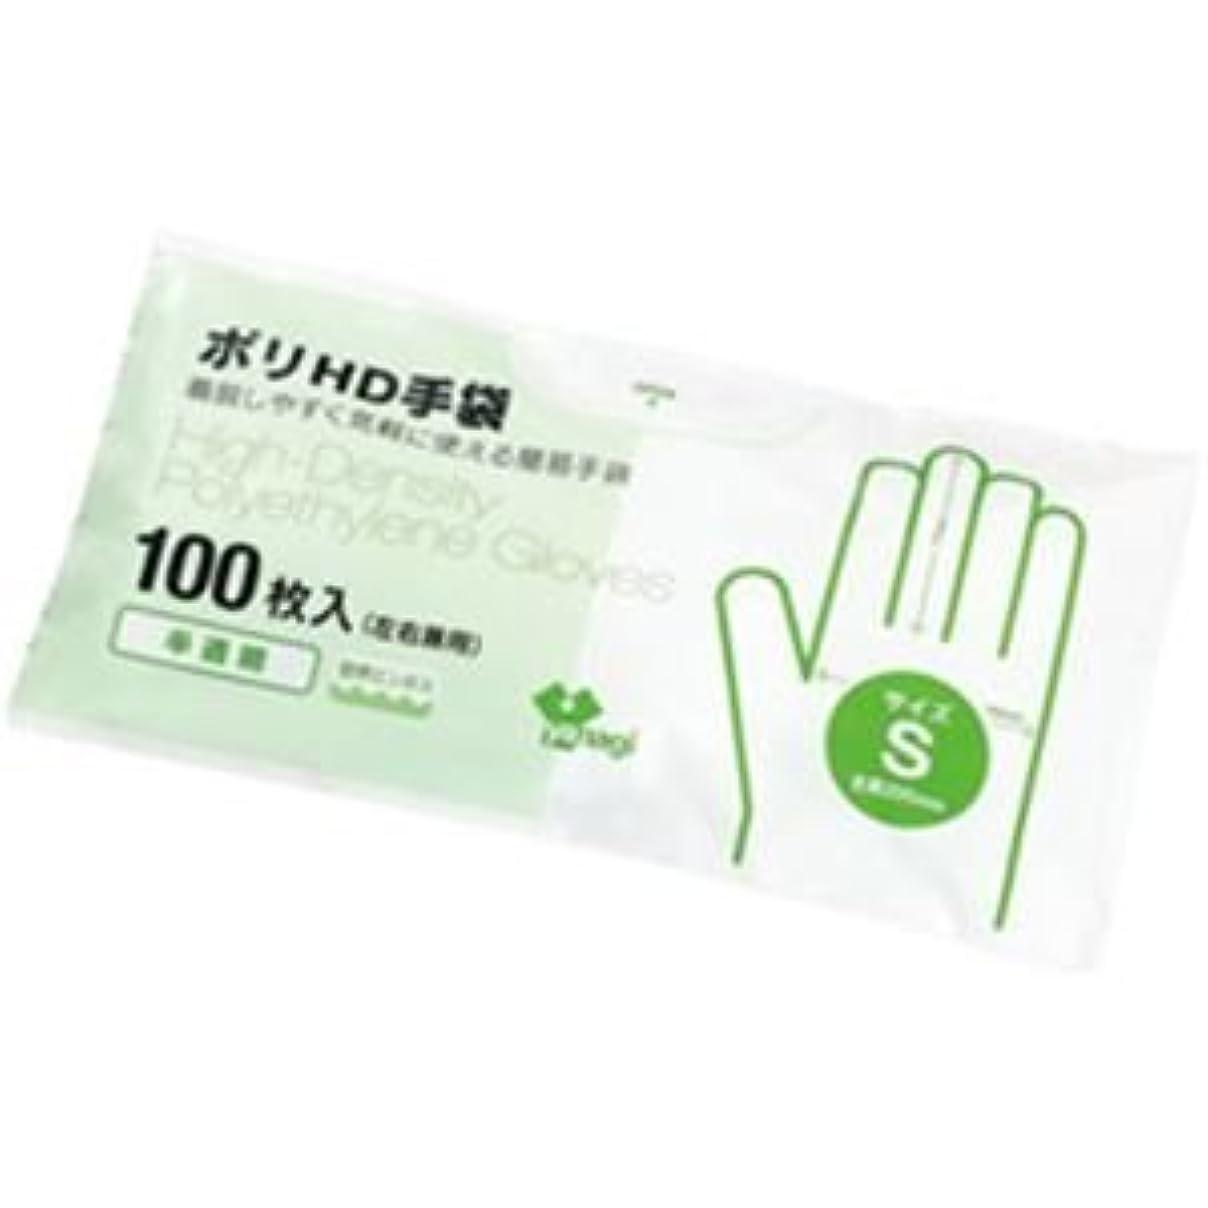 保存エンドウ学期やなぎプロダクツ 高密度ポリエチレン手袋 S 半透明 1箱(100枚) ×30セット